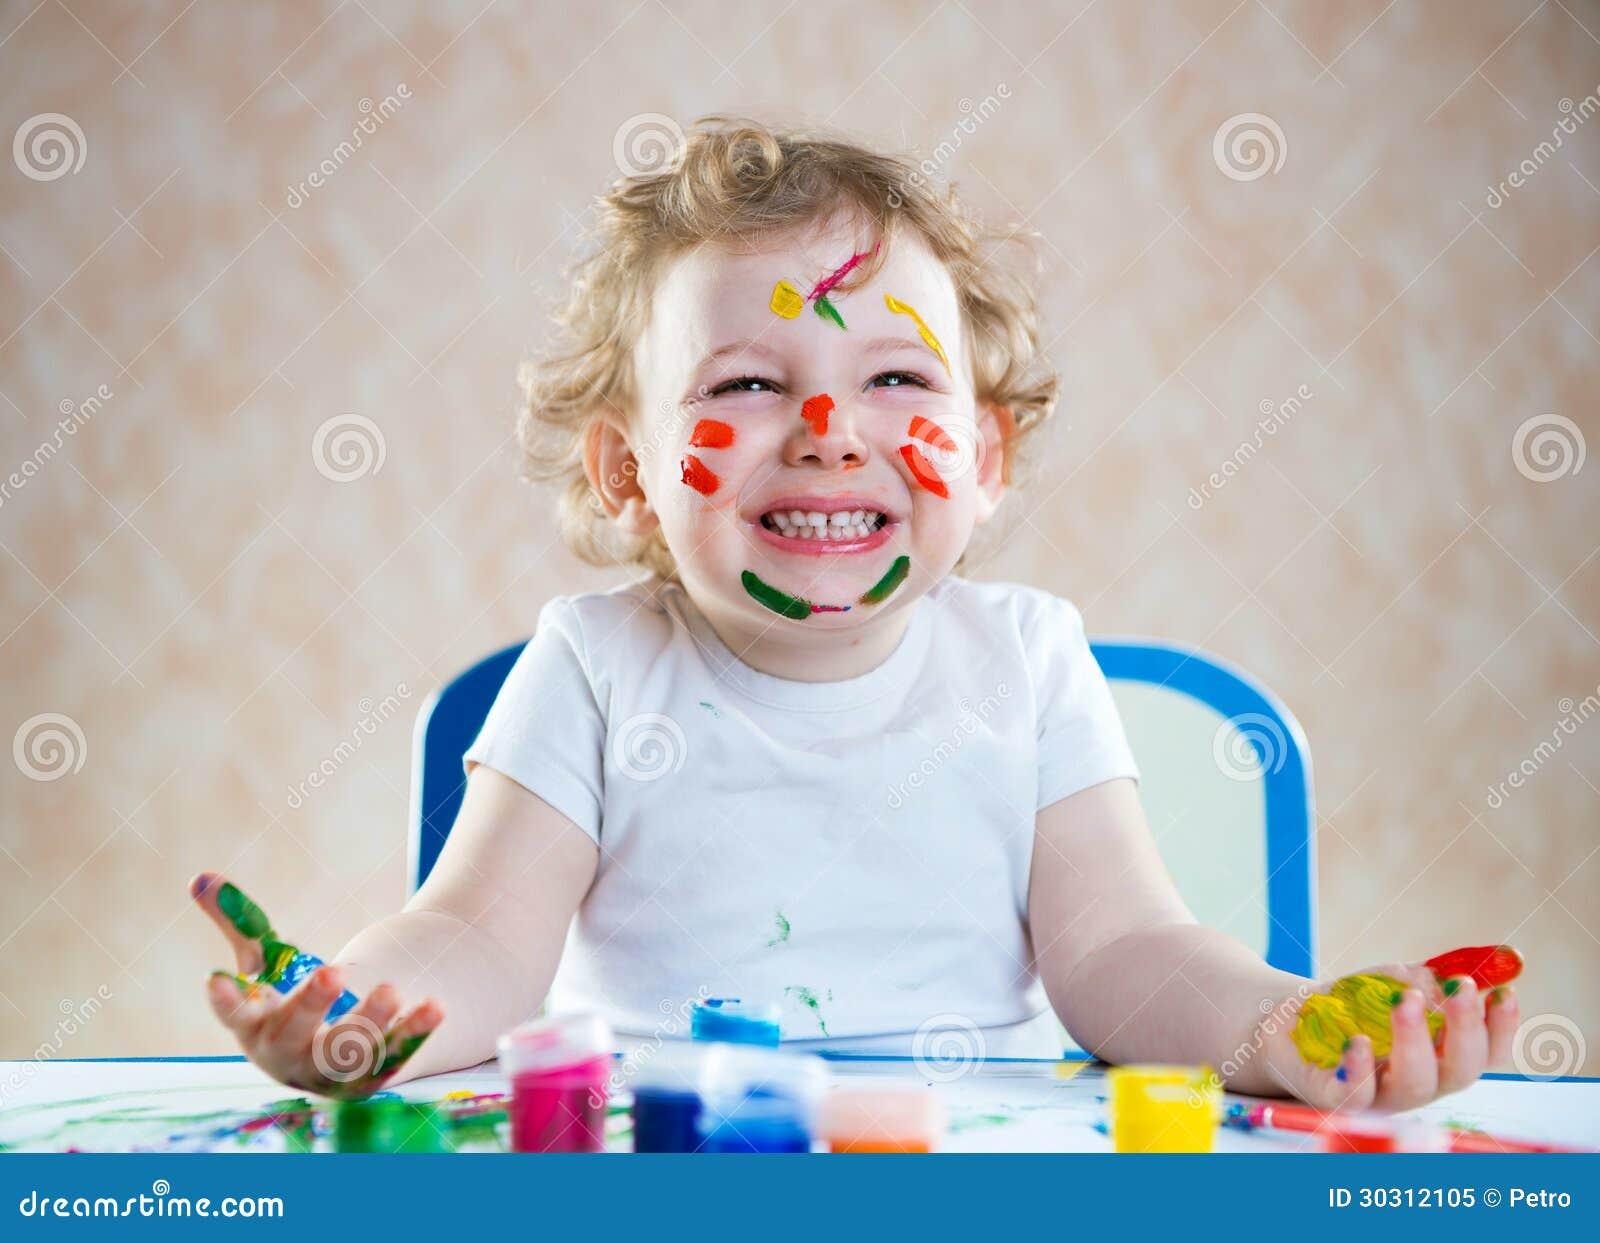 Criança feliz com mãos pintadas